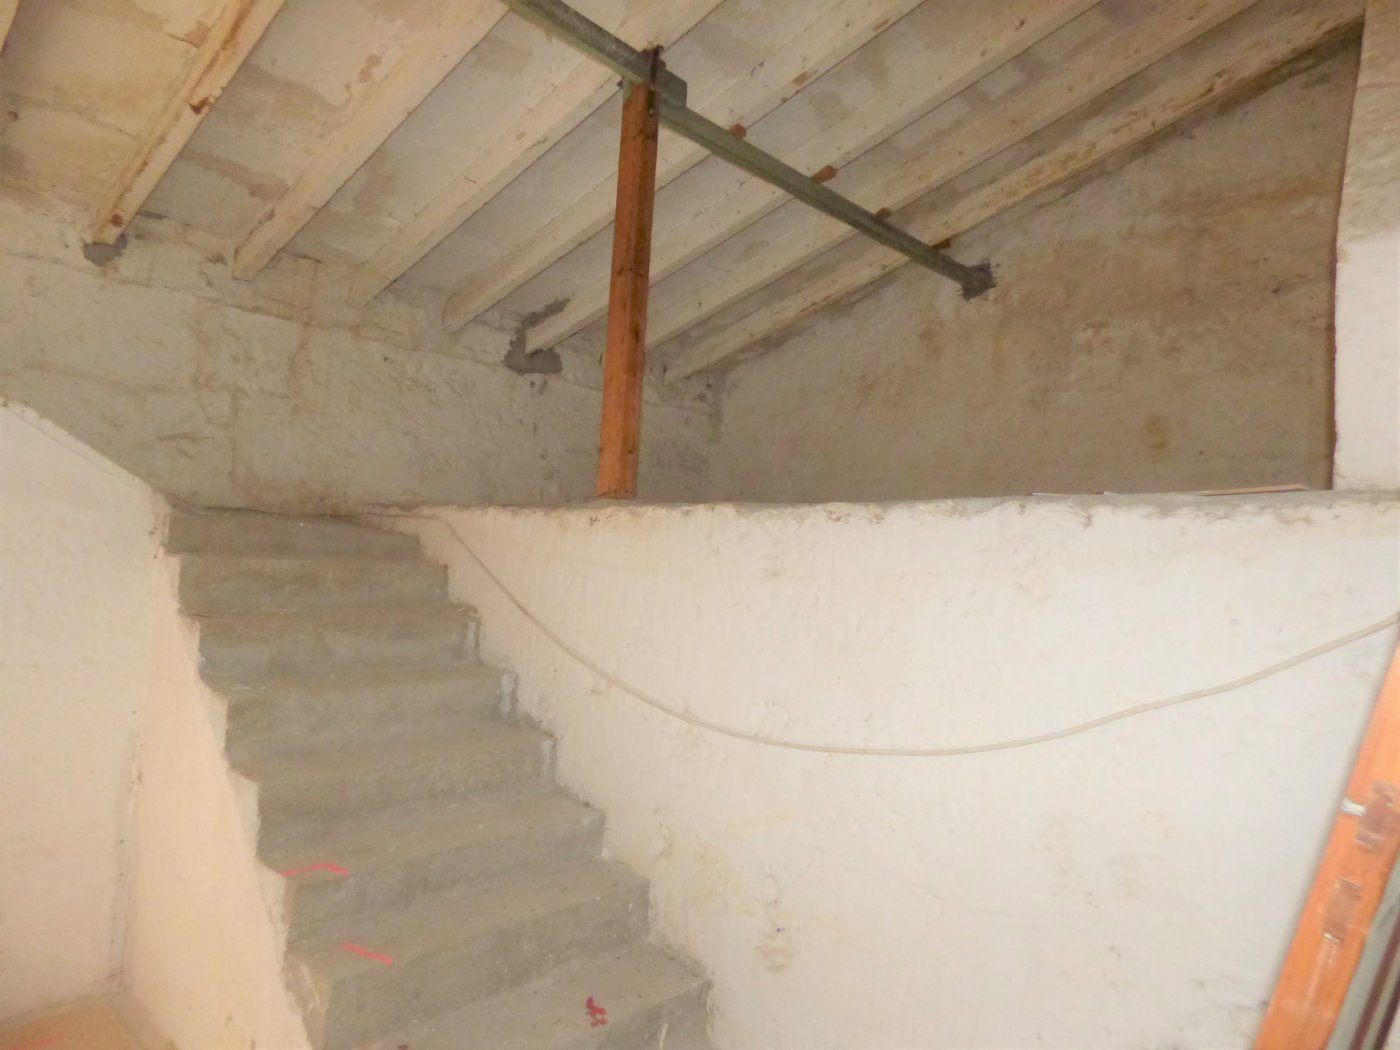 Planta baja a reformar con una altura y techo libre sa pobla pueblo - imagenInmueble21